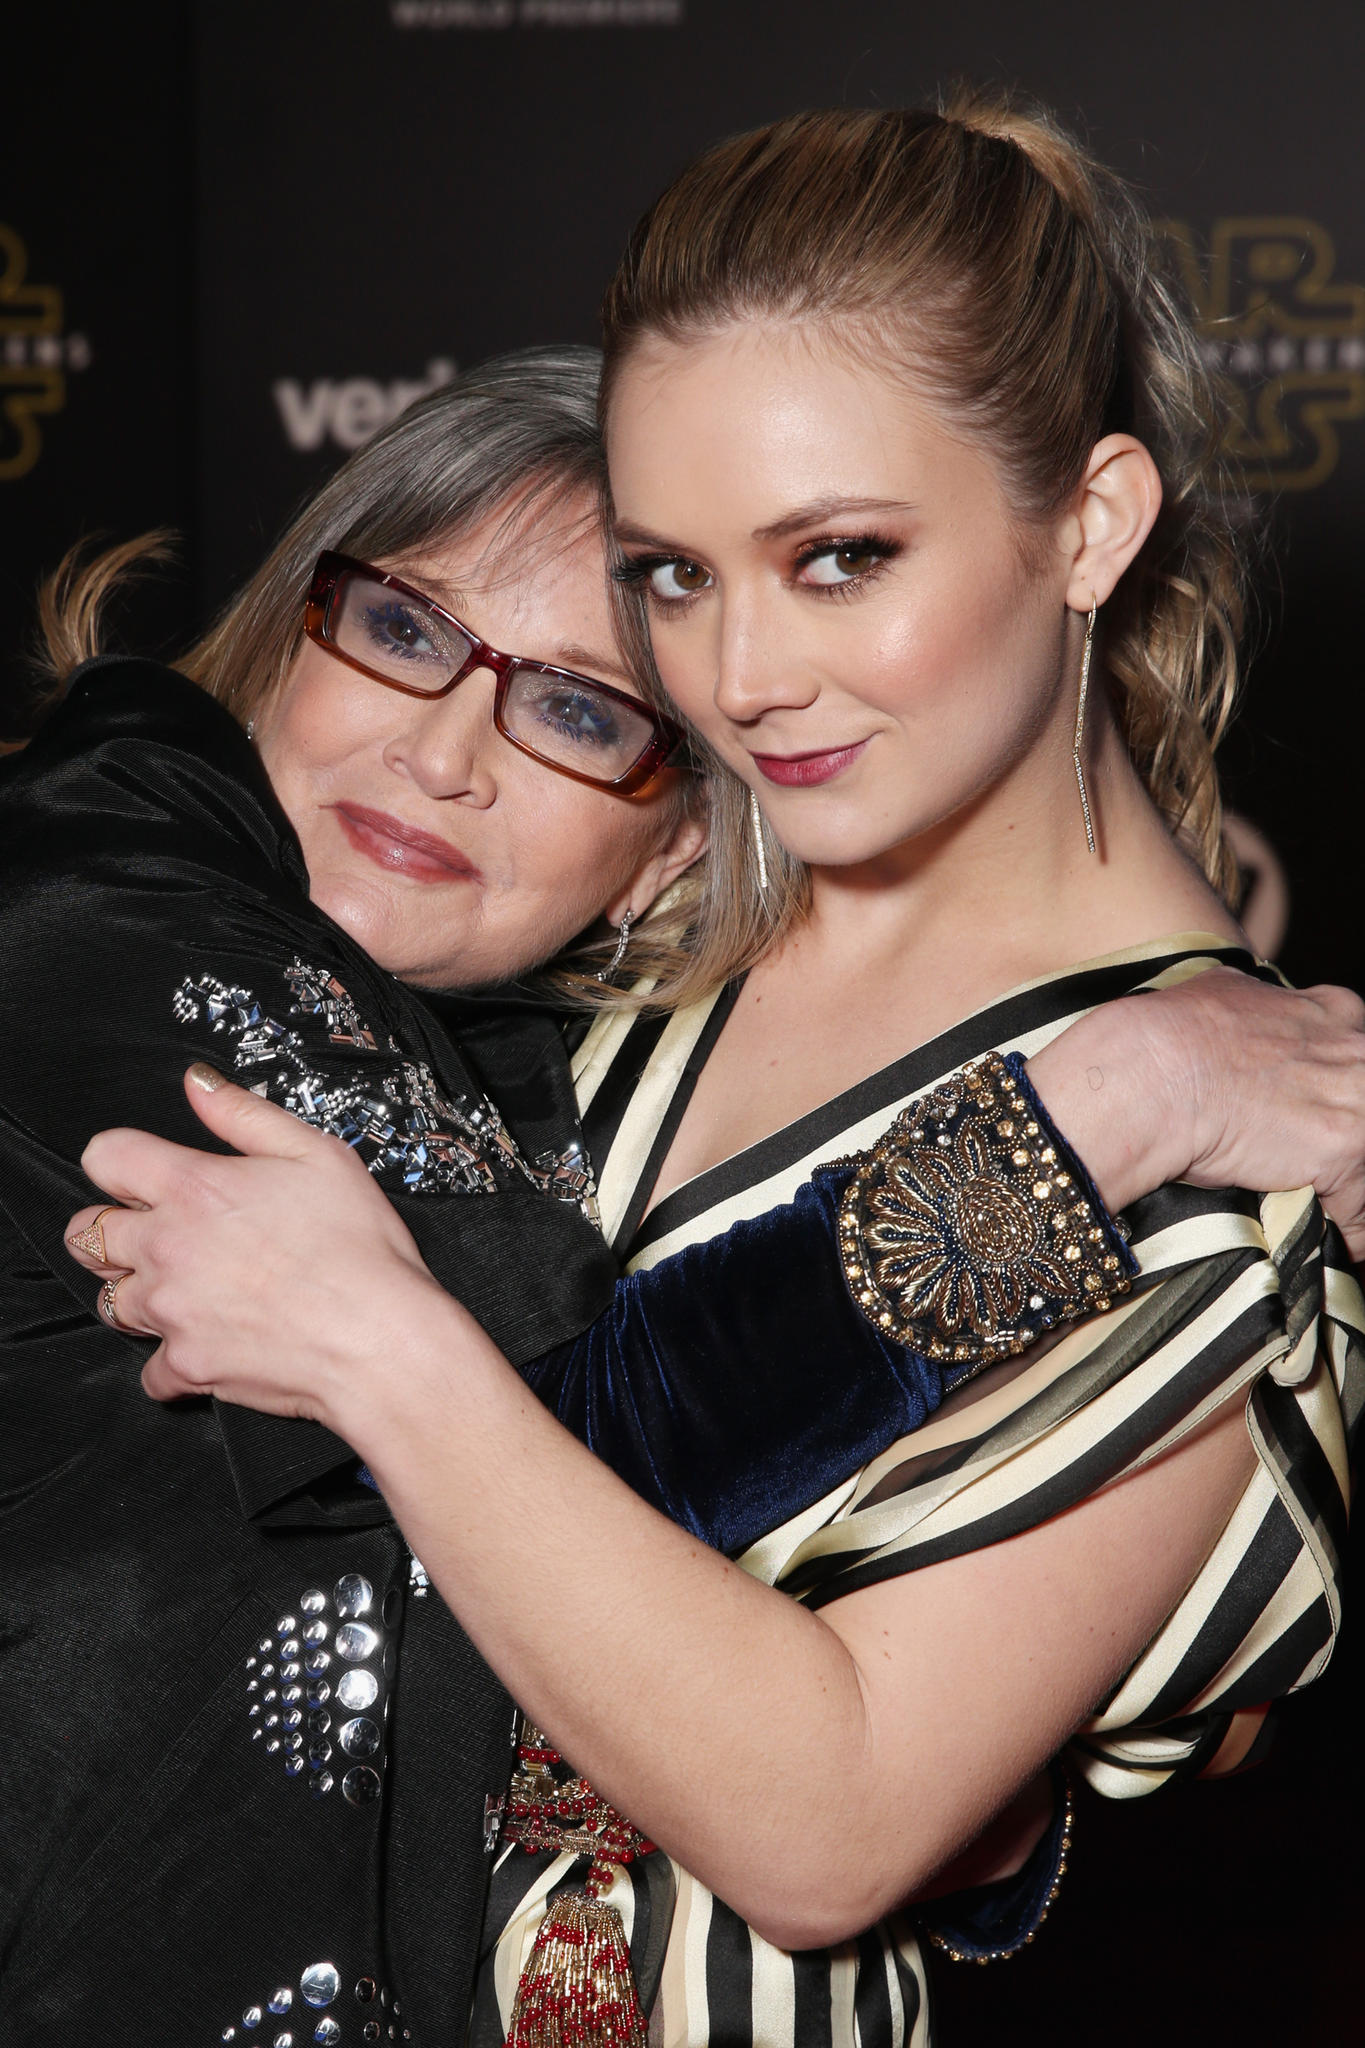 Carrie Fisher : Tochter Billie Lourd gedenkt ihrer mit emotionalem Video